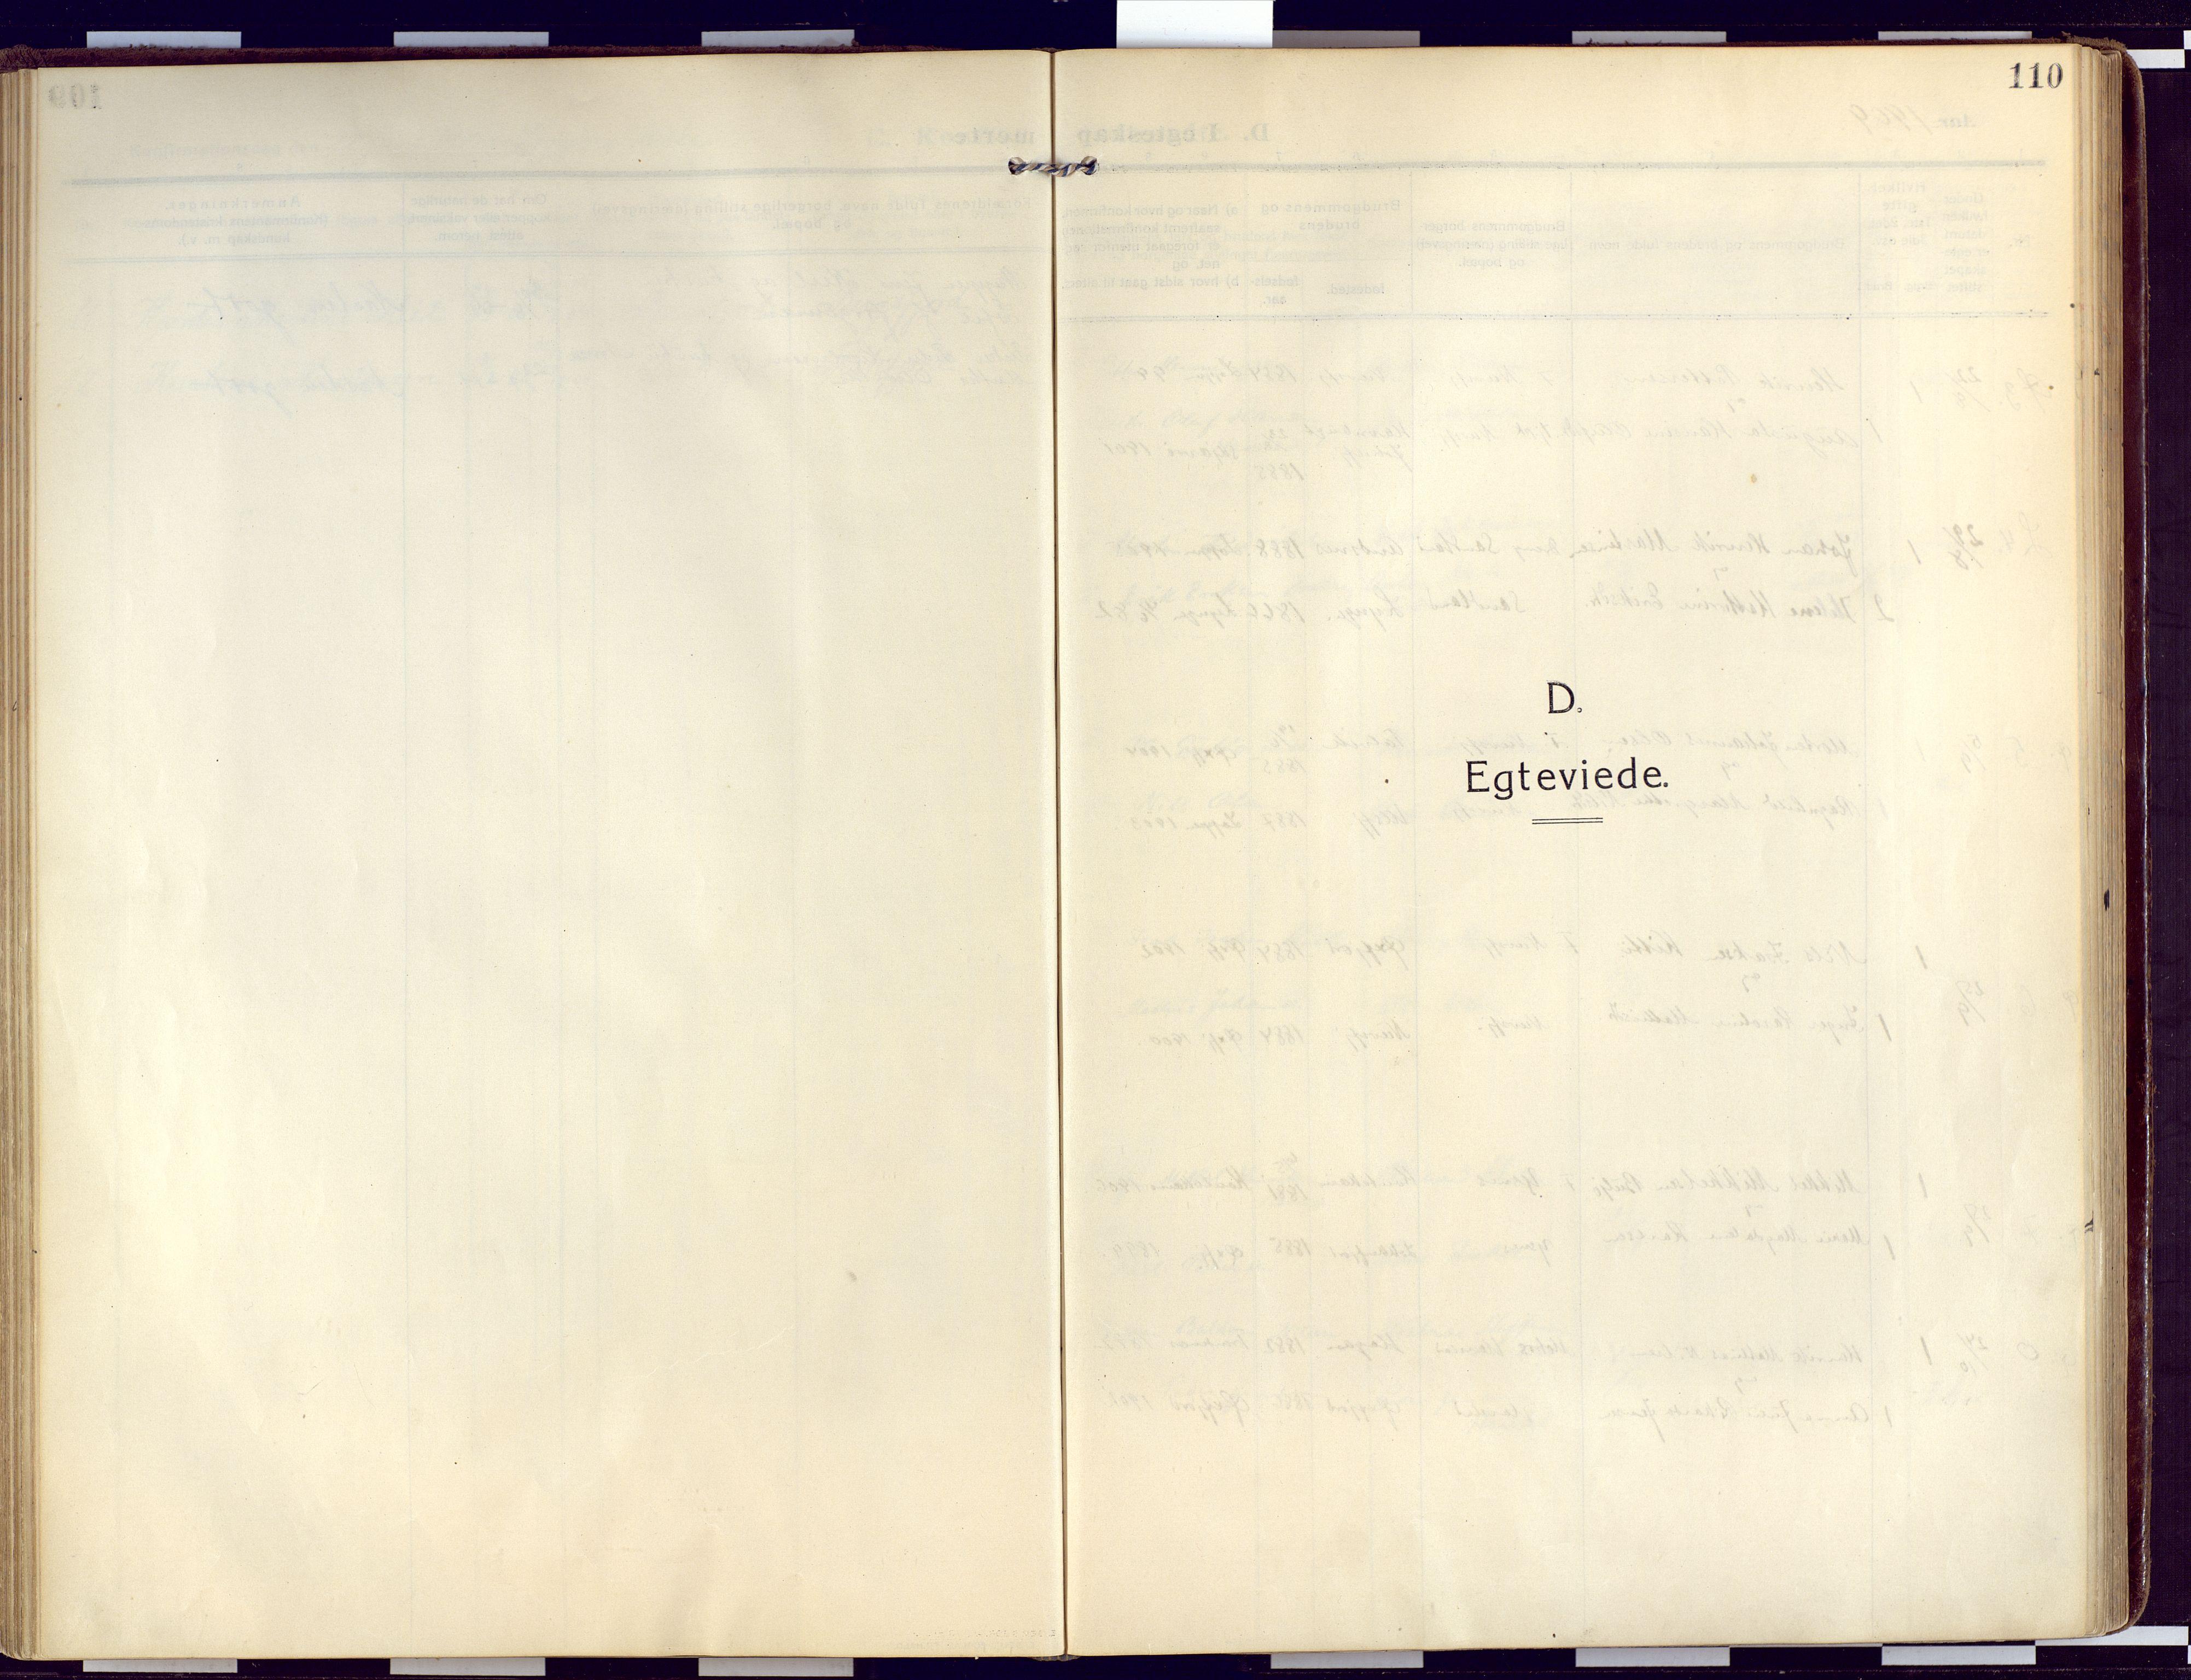 SATØ, Loppa sokneprestkontor, H/Ha/L0011kirke: Ministerialbok nr. 11, 1909-1919, s. 110